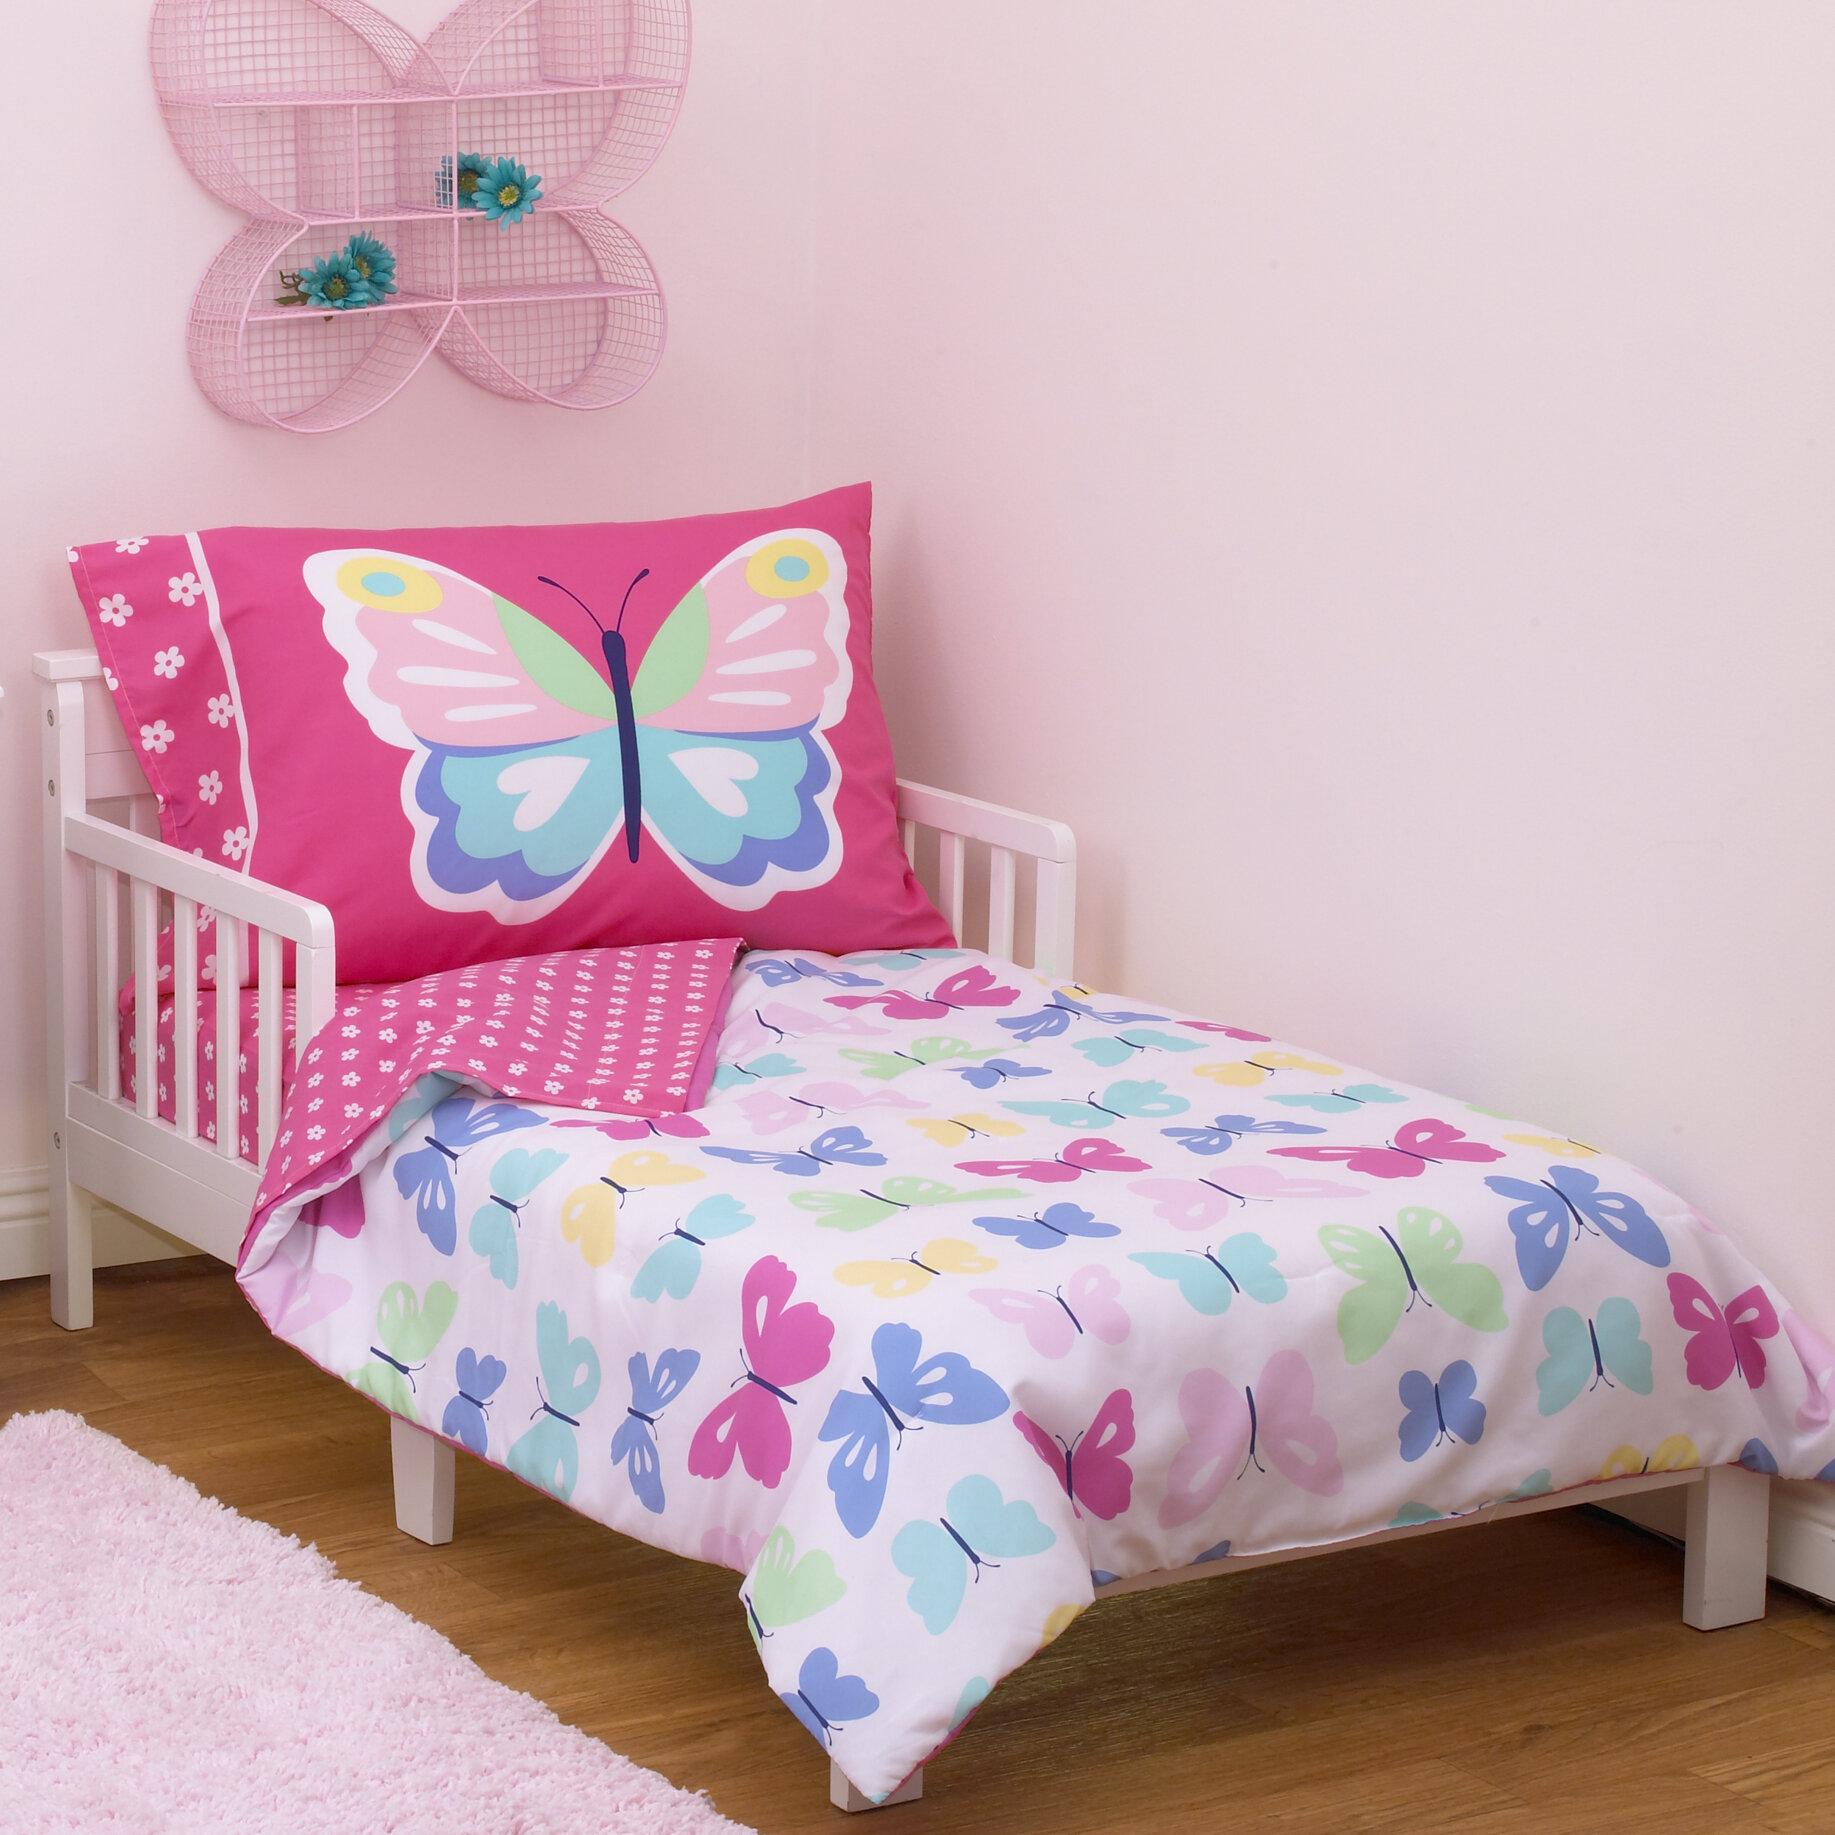 new styles dba37 cd3a0 Butterflies 4 Piece Toddler Bedding Set